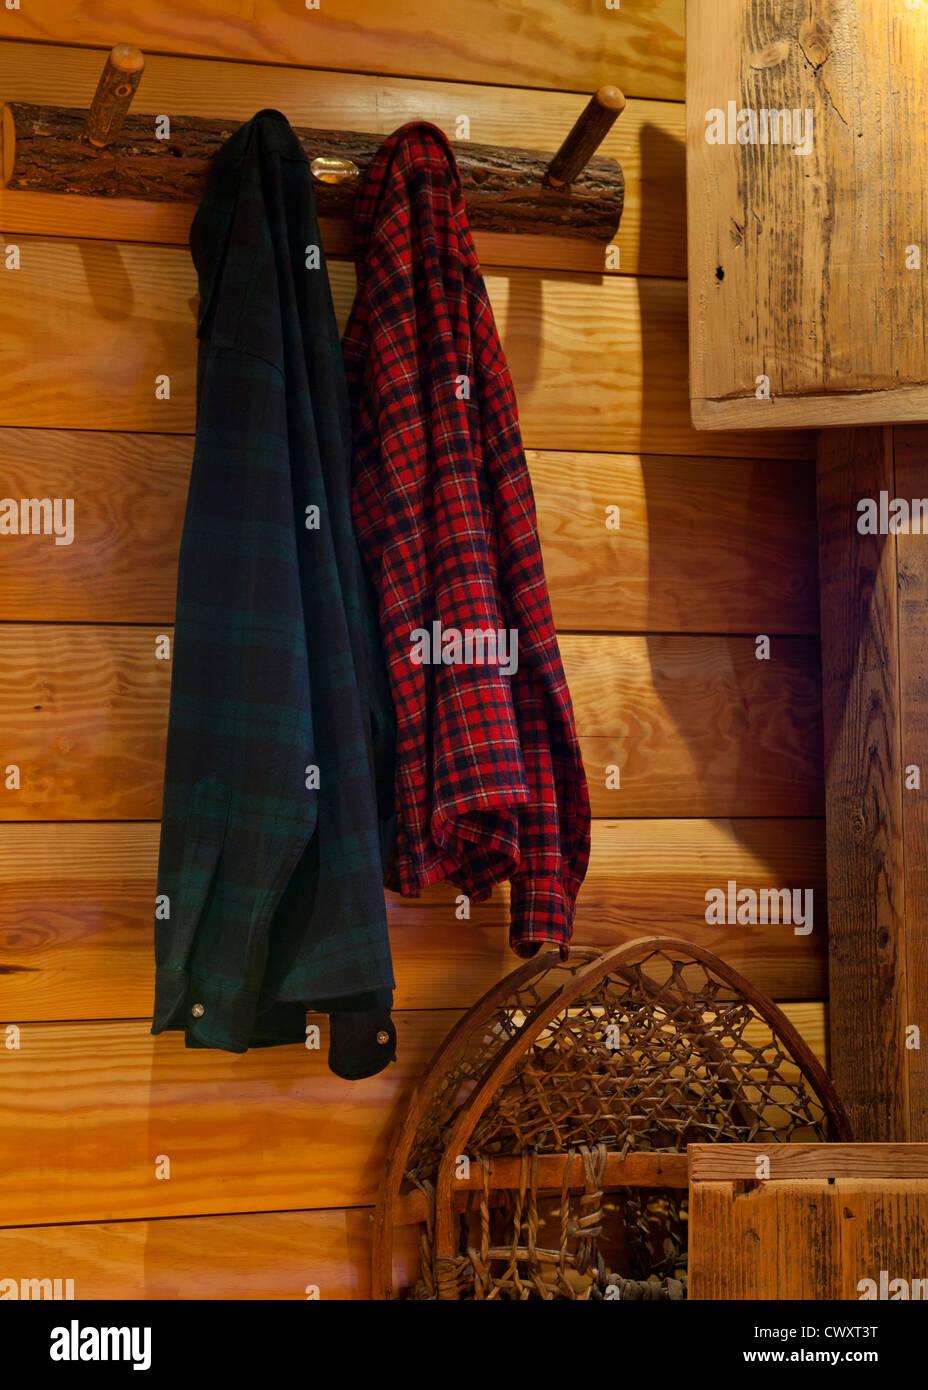 Plaid shirts hanging on log home wall - Stock Image